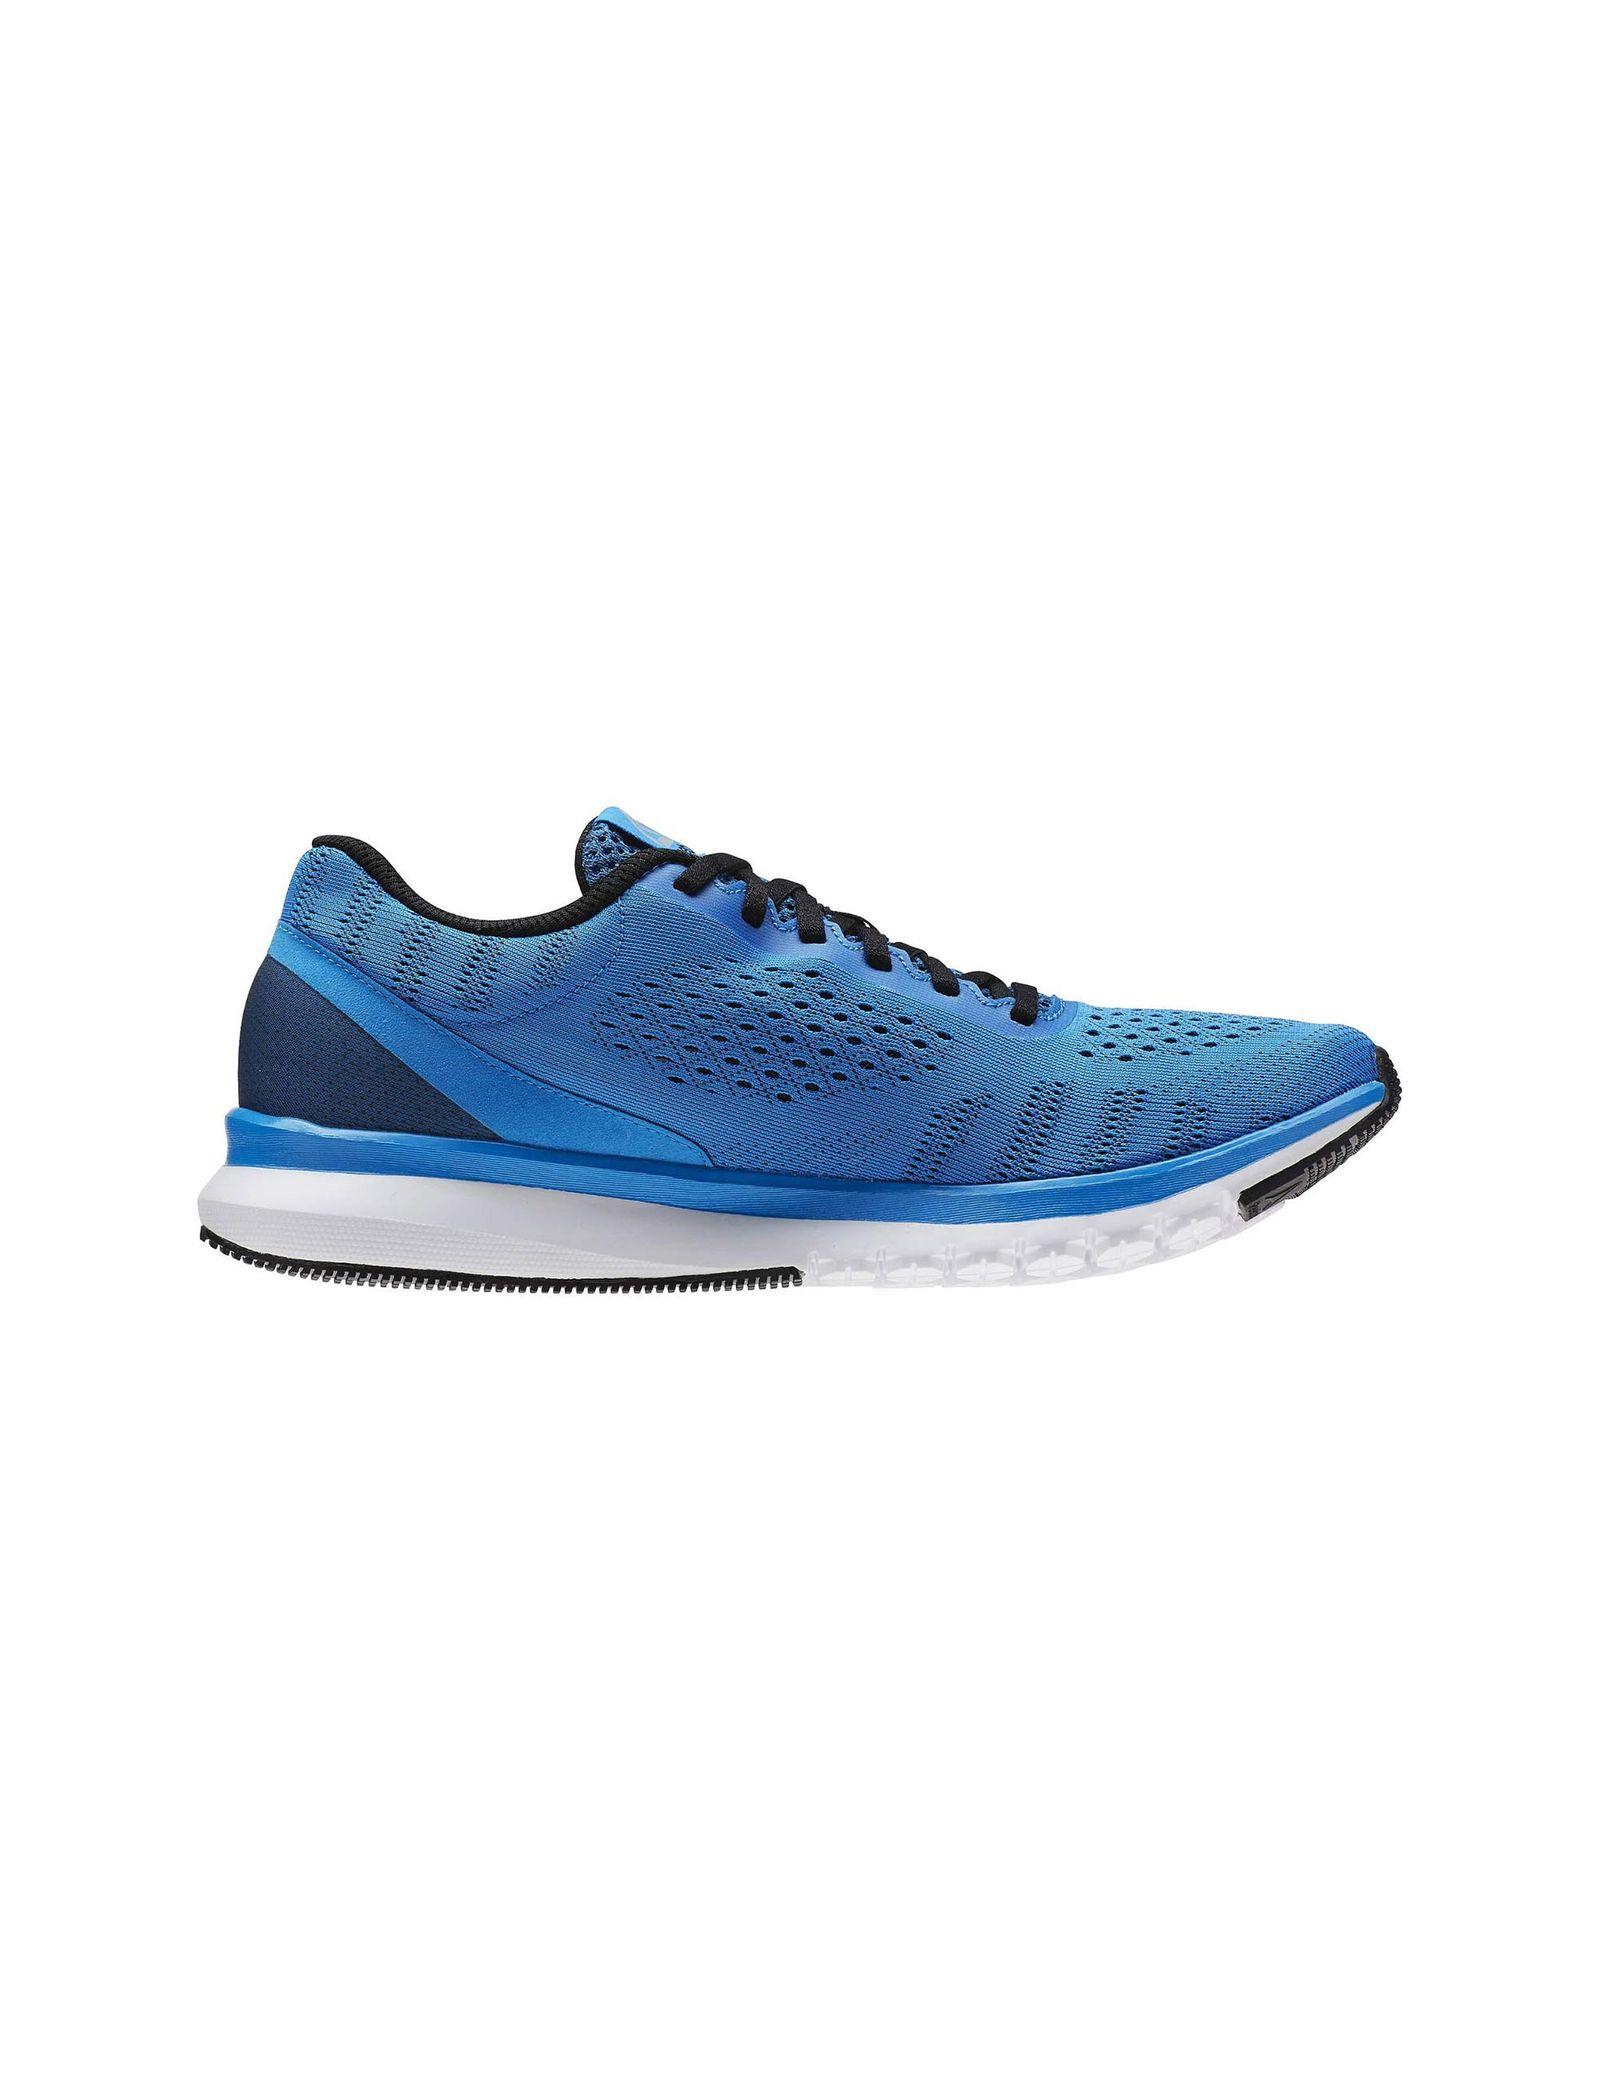 کفش دویدن بندی مردانه Print Smooth Ultraknit - ریباک - آبي - 1